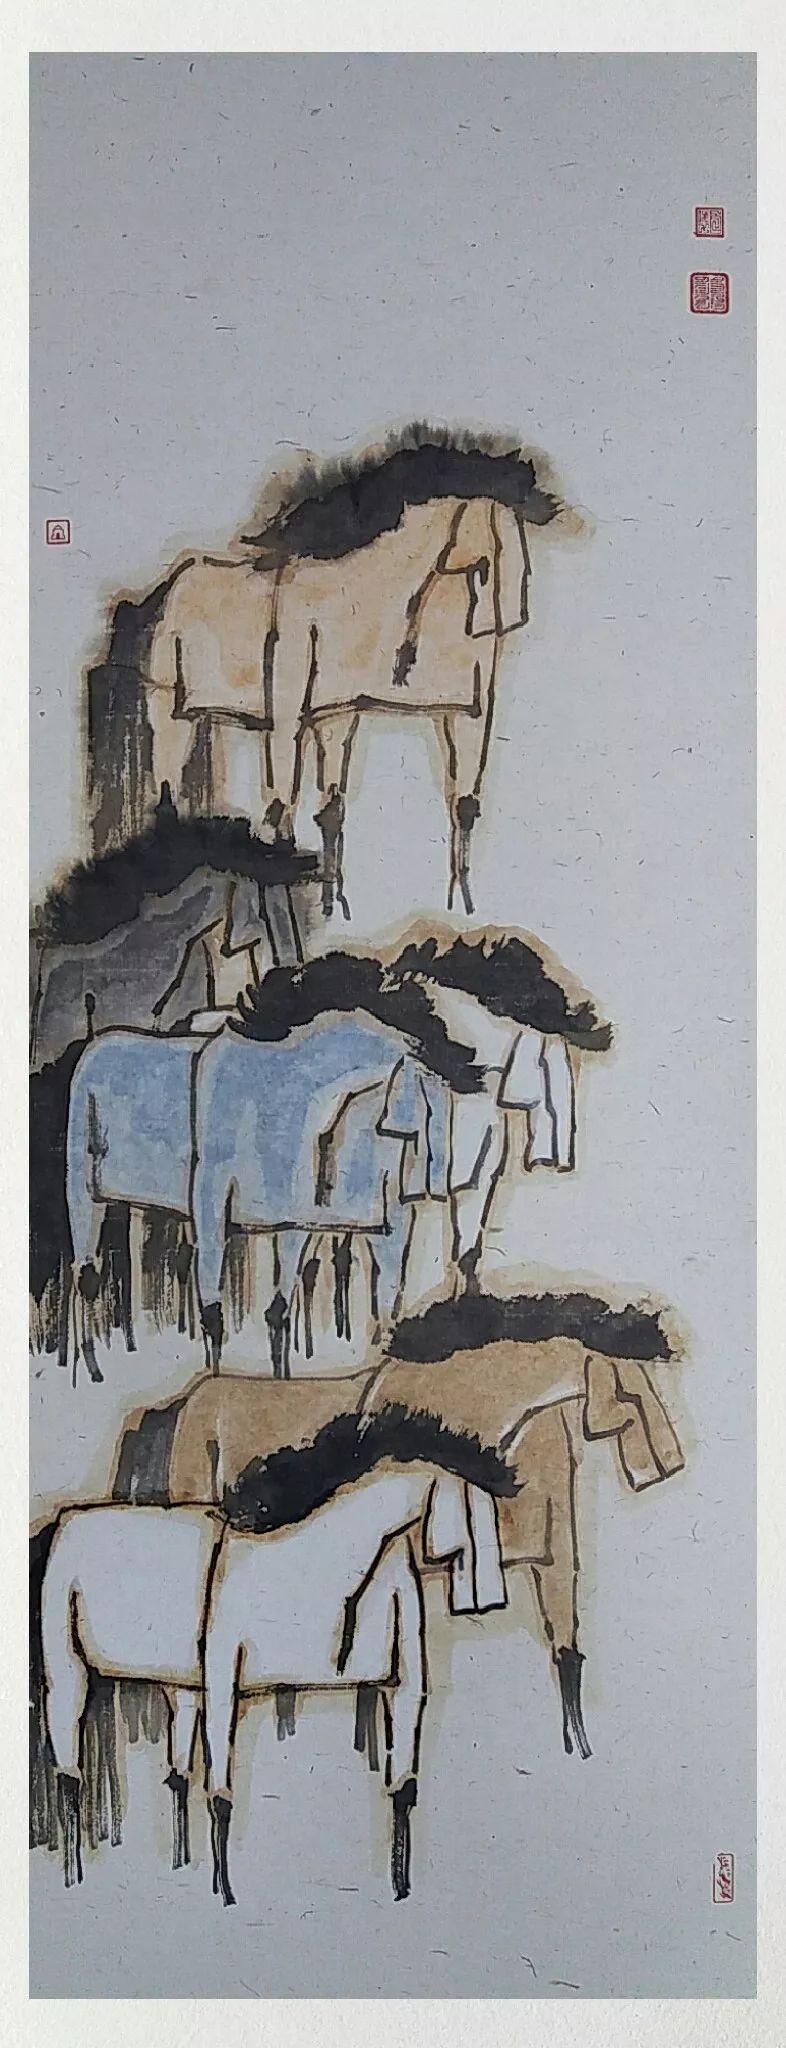 内蒙古当代美术家系列——白嘎力中国画作品选 第35张 内蒙古当代美术家系列——白嘎力中国画作品选 蒙古画廊